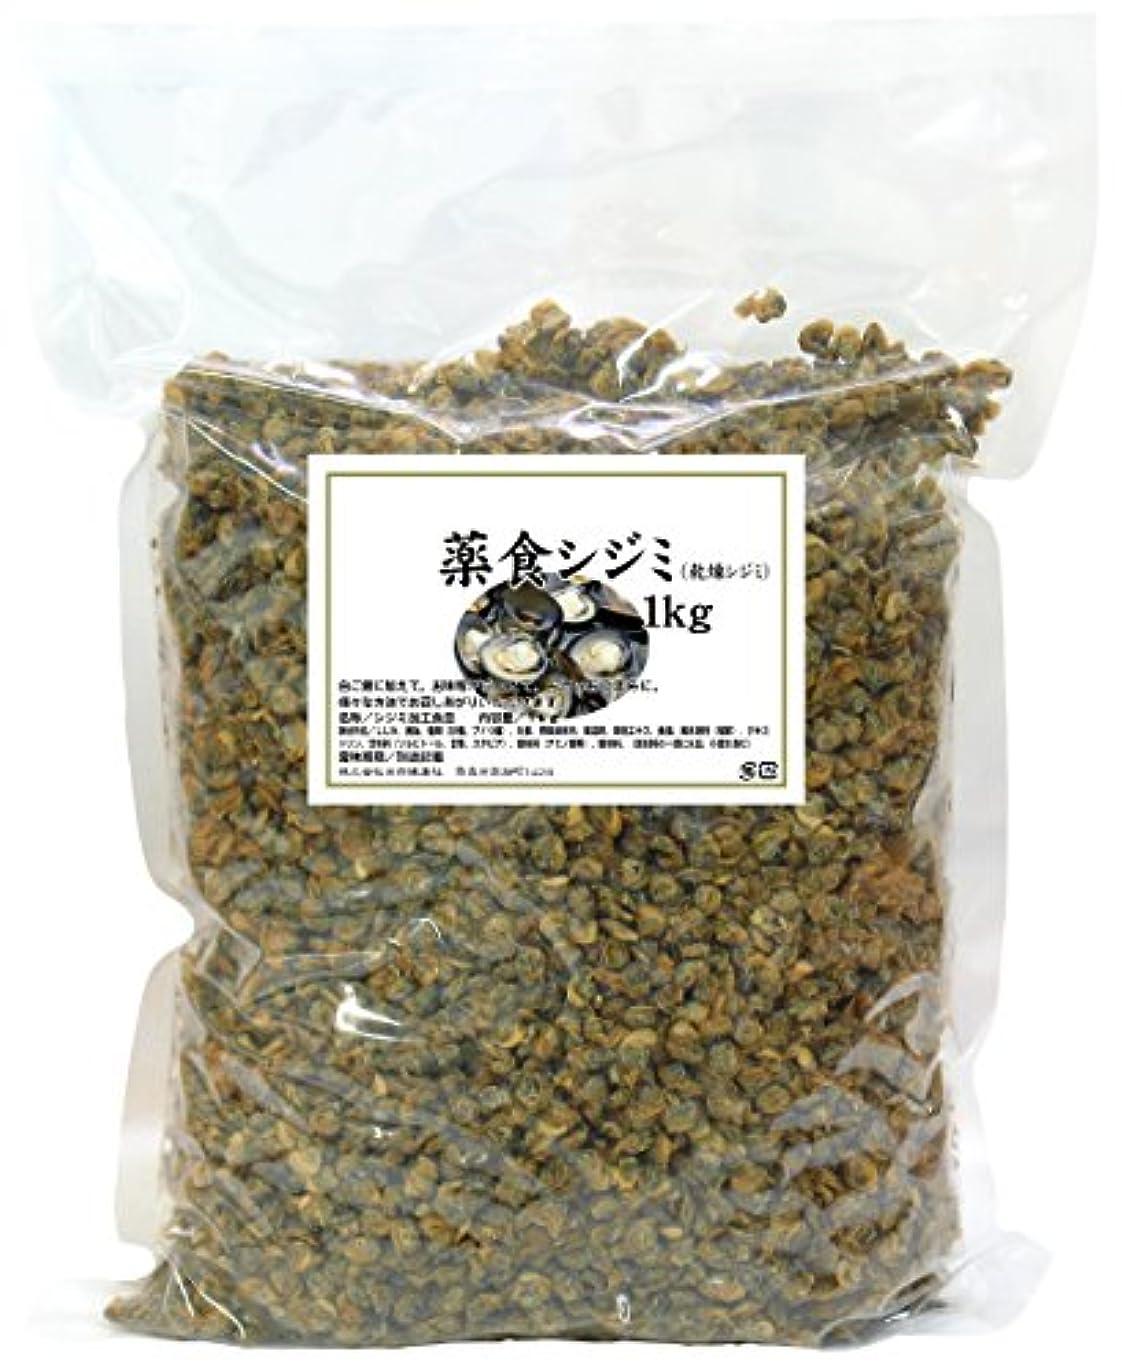 入浴ステープル達成可能乾燥シジミ1kg タウリン オルニチン 自然食品